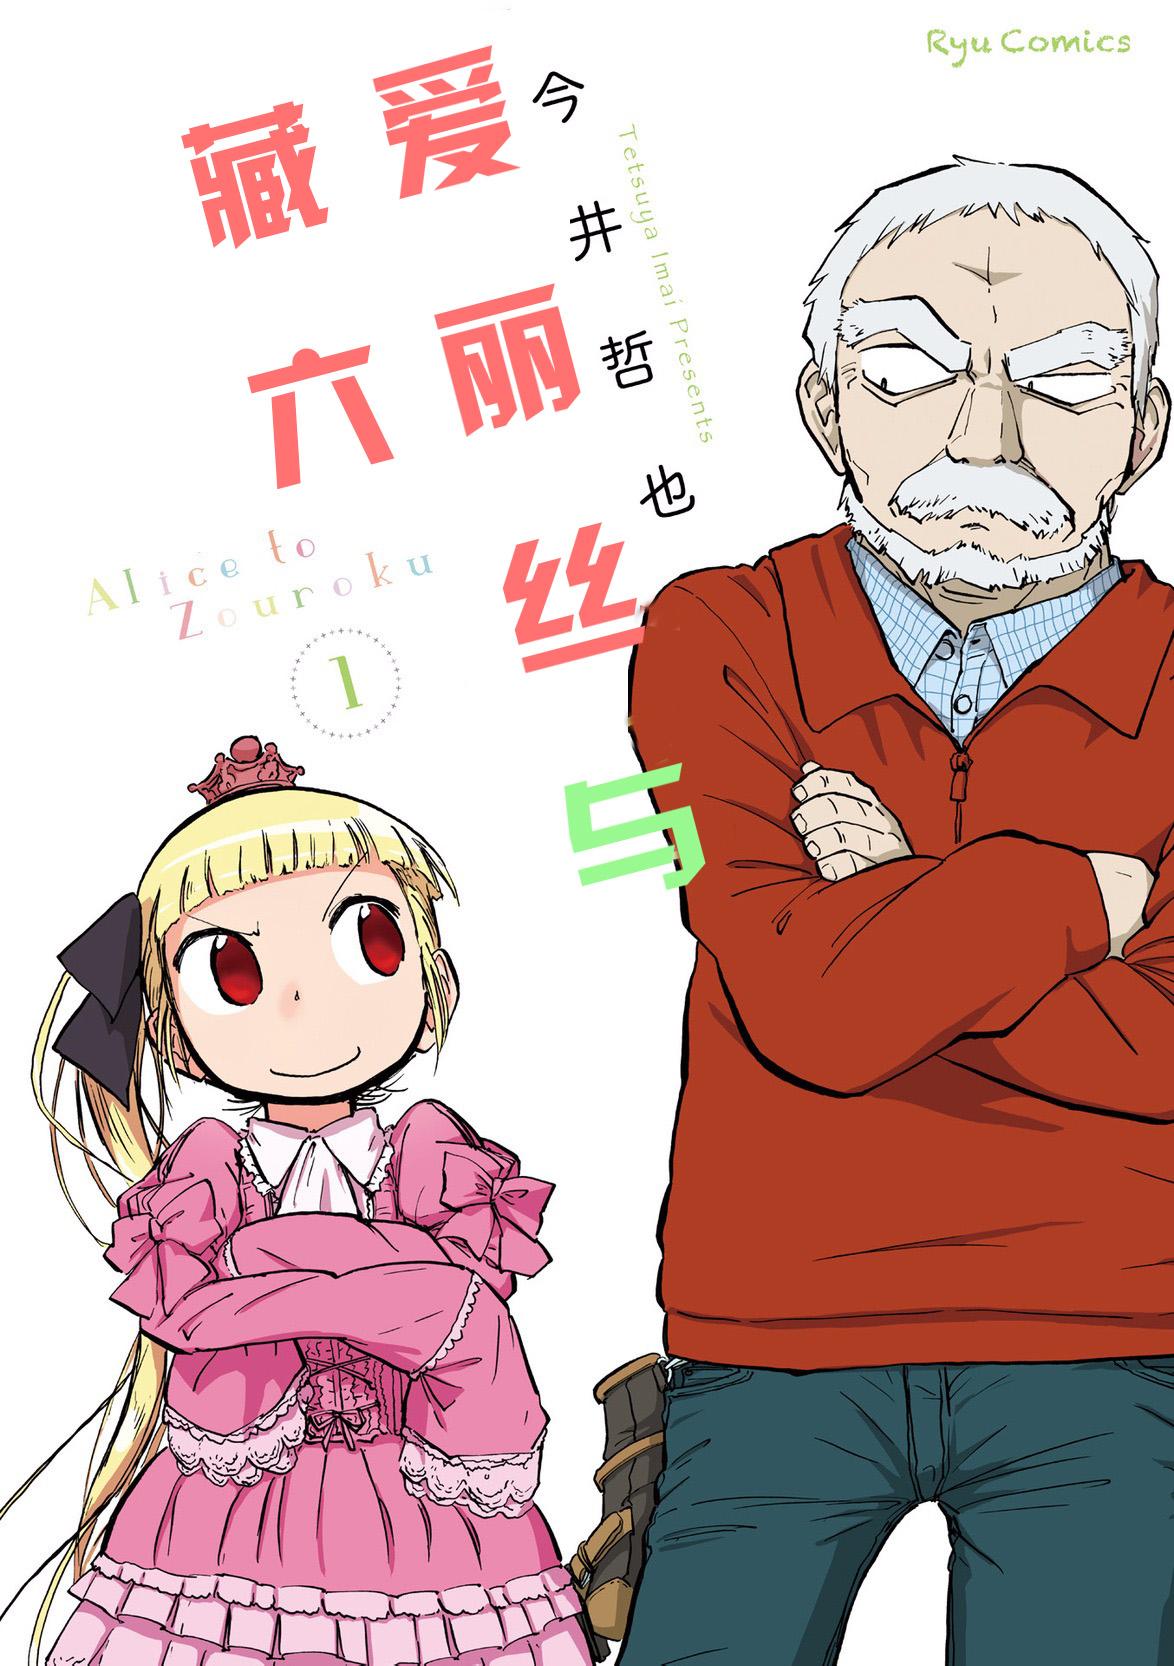 【连载中】【漫画】《爱丽丝与藏六》1-38话 百度网盘下载